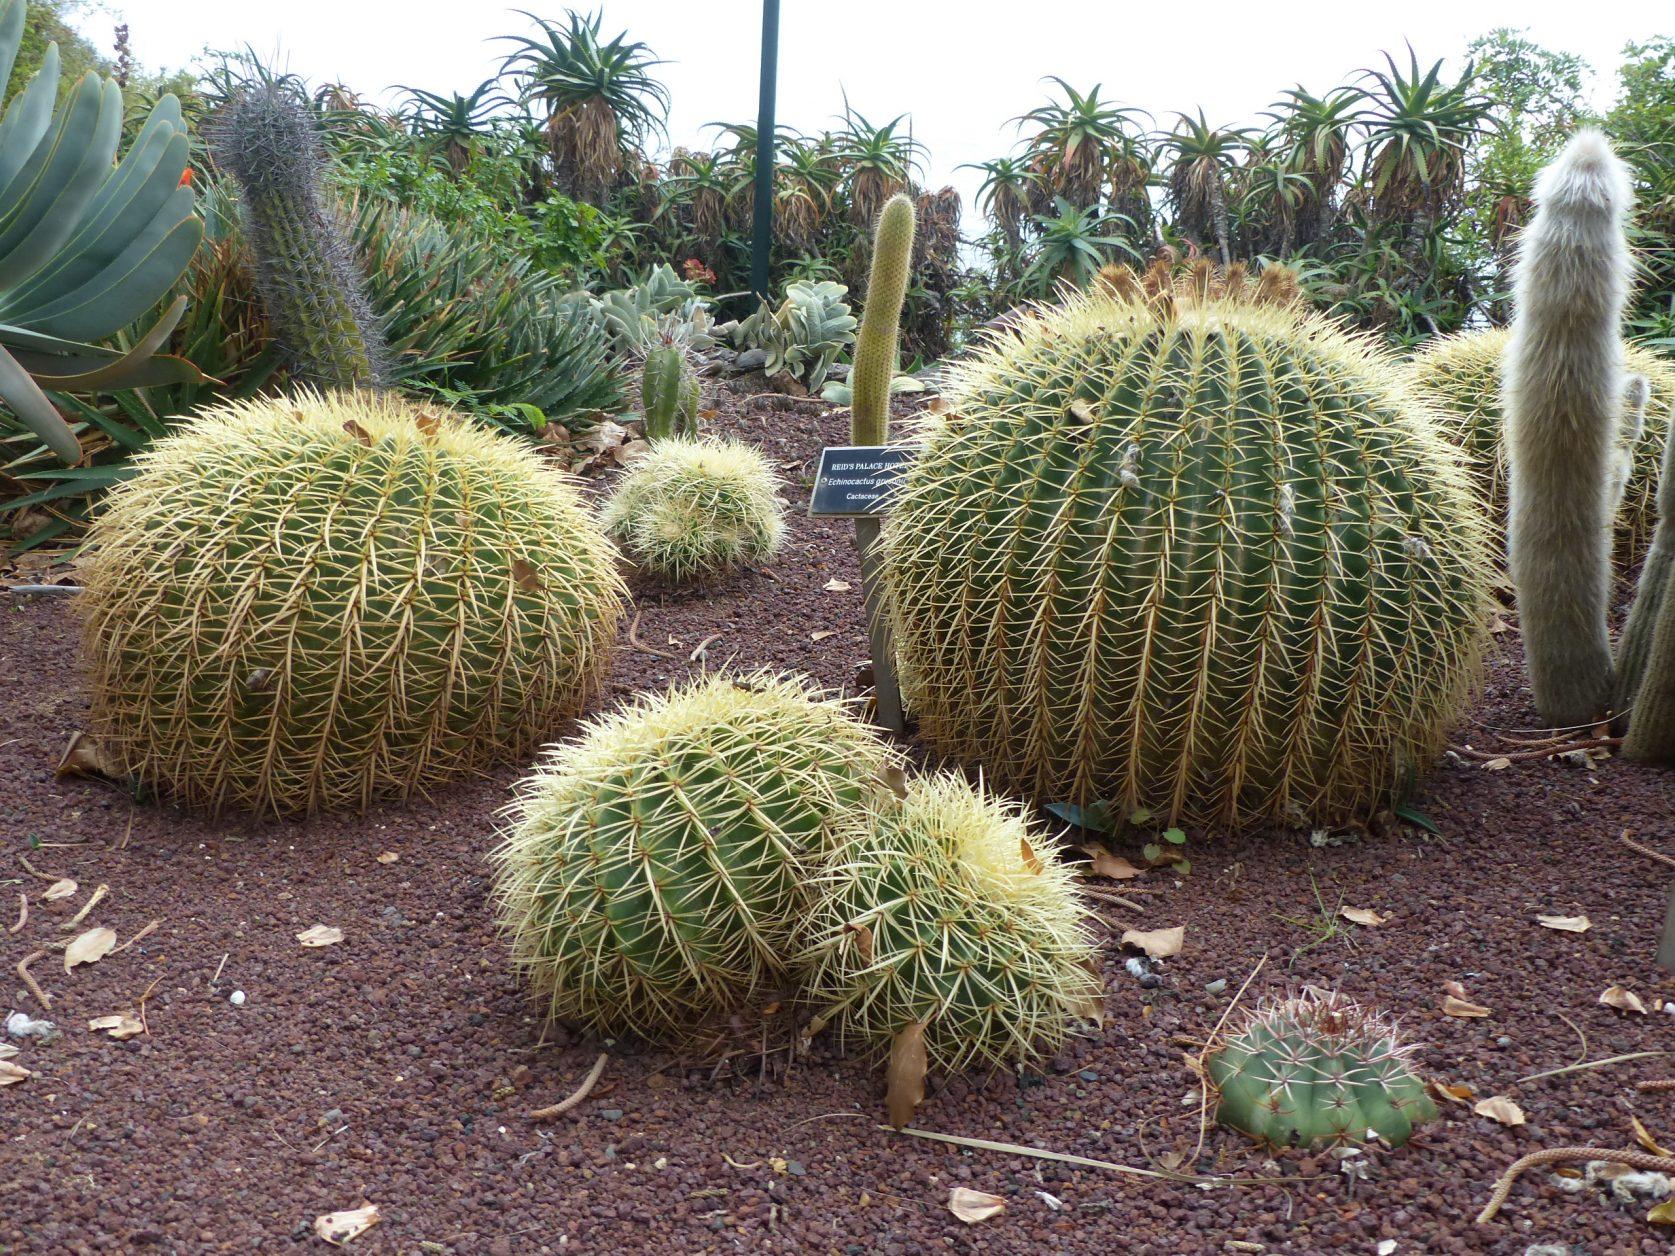 """Der Echinocactus grusonii, auch """"Goldkugelkaktus"""" oder """"Schwiegermutterstuhl"""" gennant, im Park des Nobelhotels Reids. Foto: D. Weirauch"""